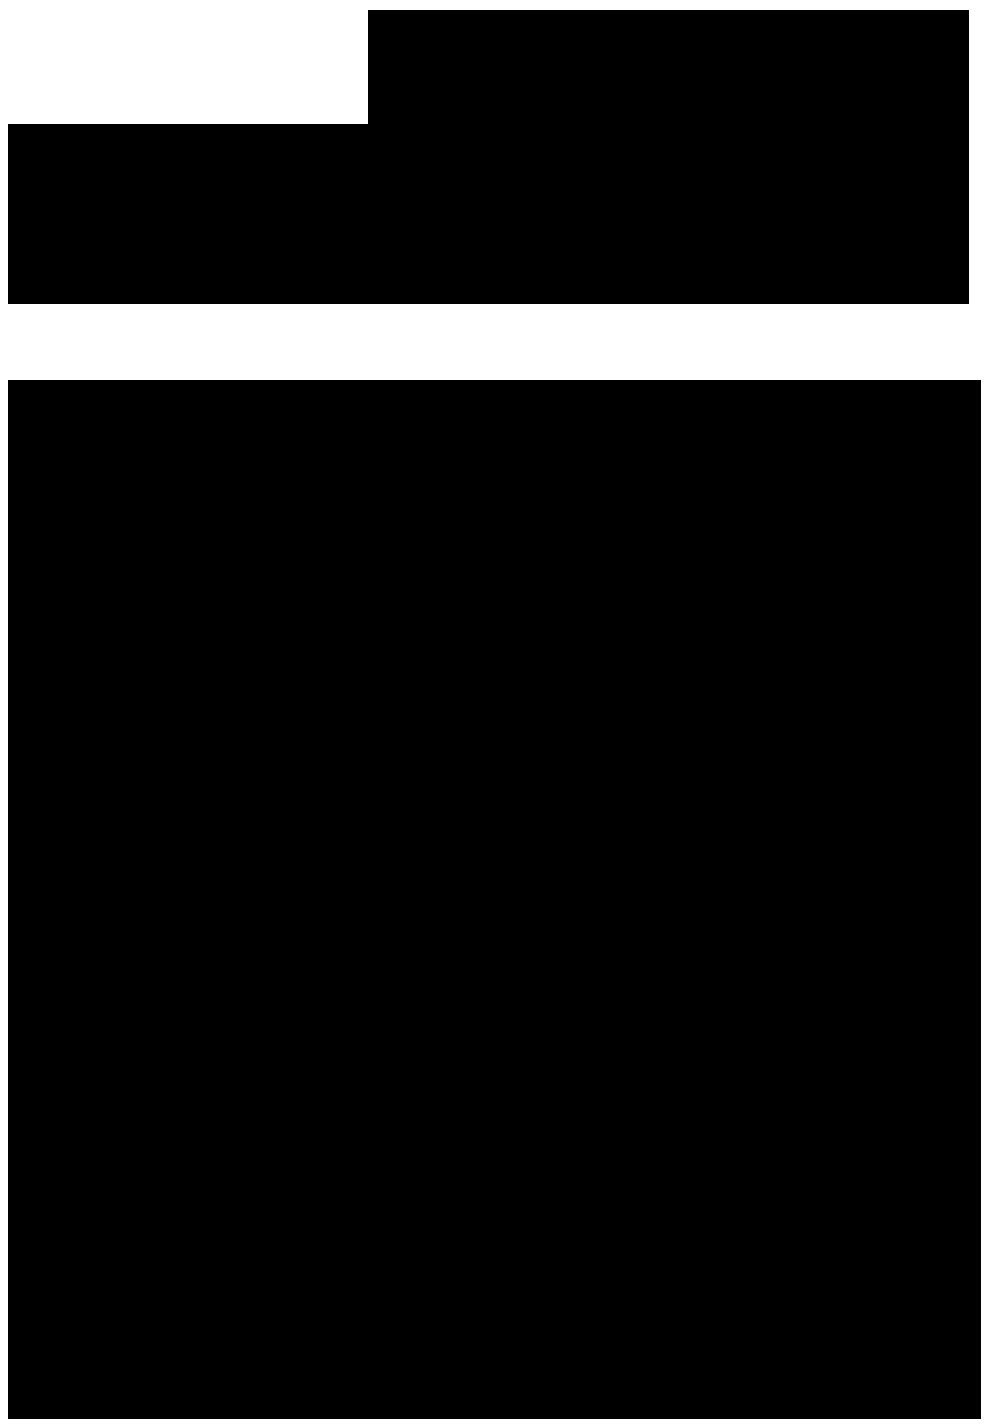 РОЗРАХУНКОВО-ПЛАТІЖНА ВІДОМІСТЬ працівника (Типова форма № П-6)